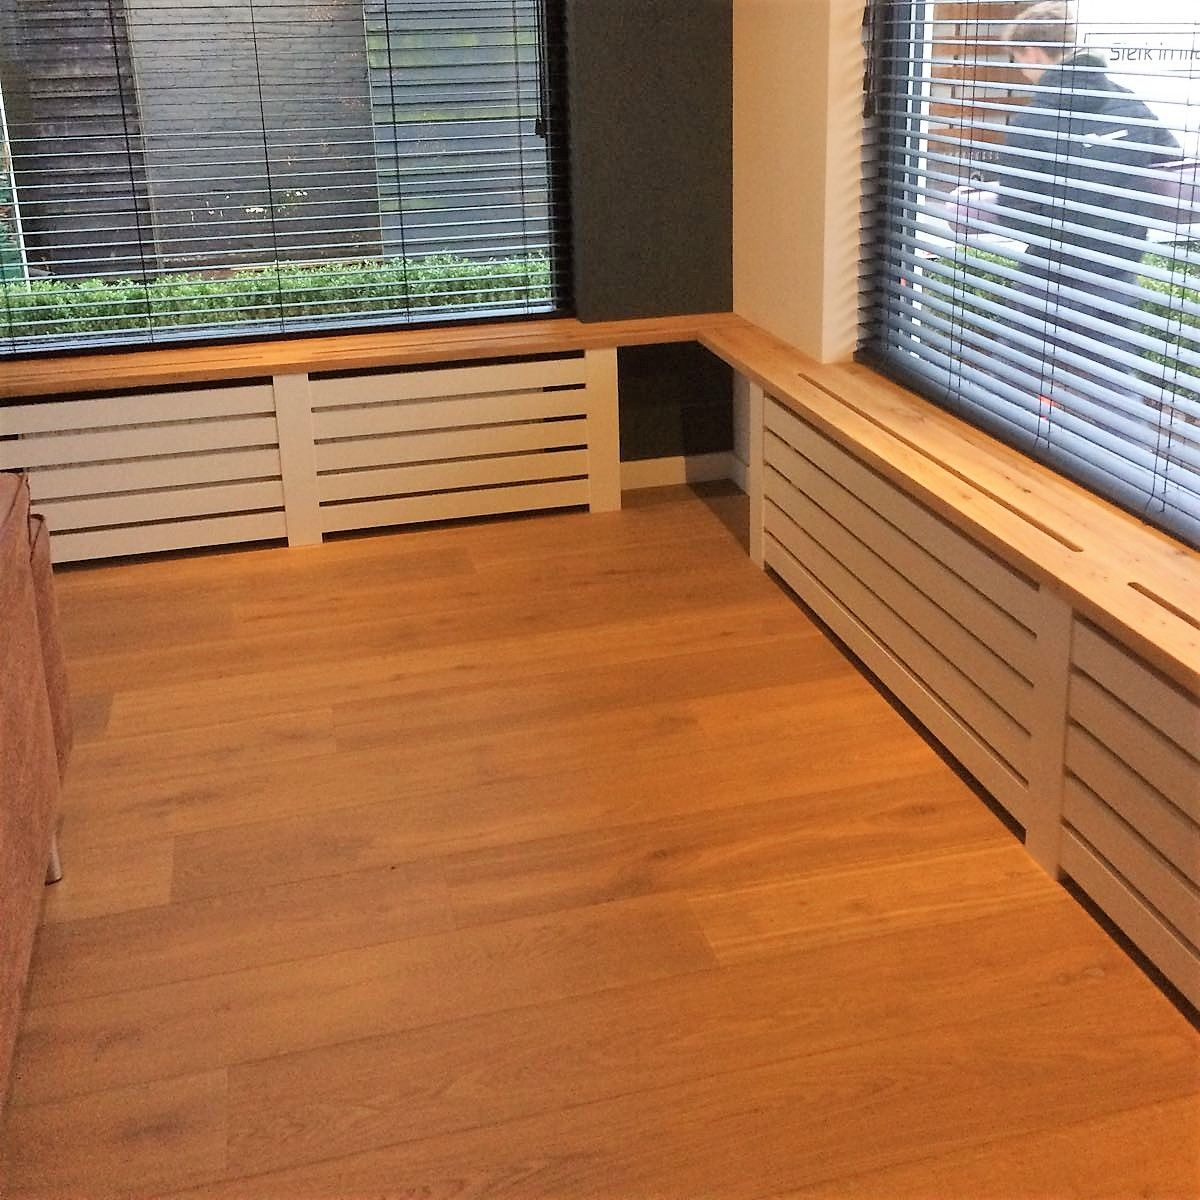 Interieur verwarmings elementen oud eiken gerard keune meubels op maat - Eettafel schans ...